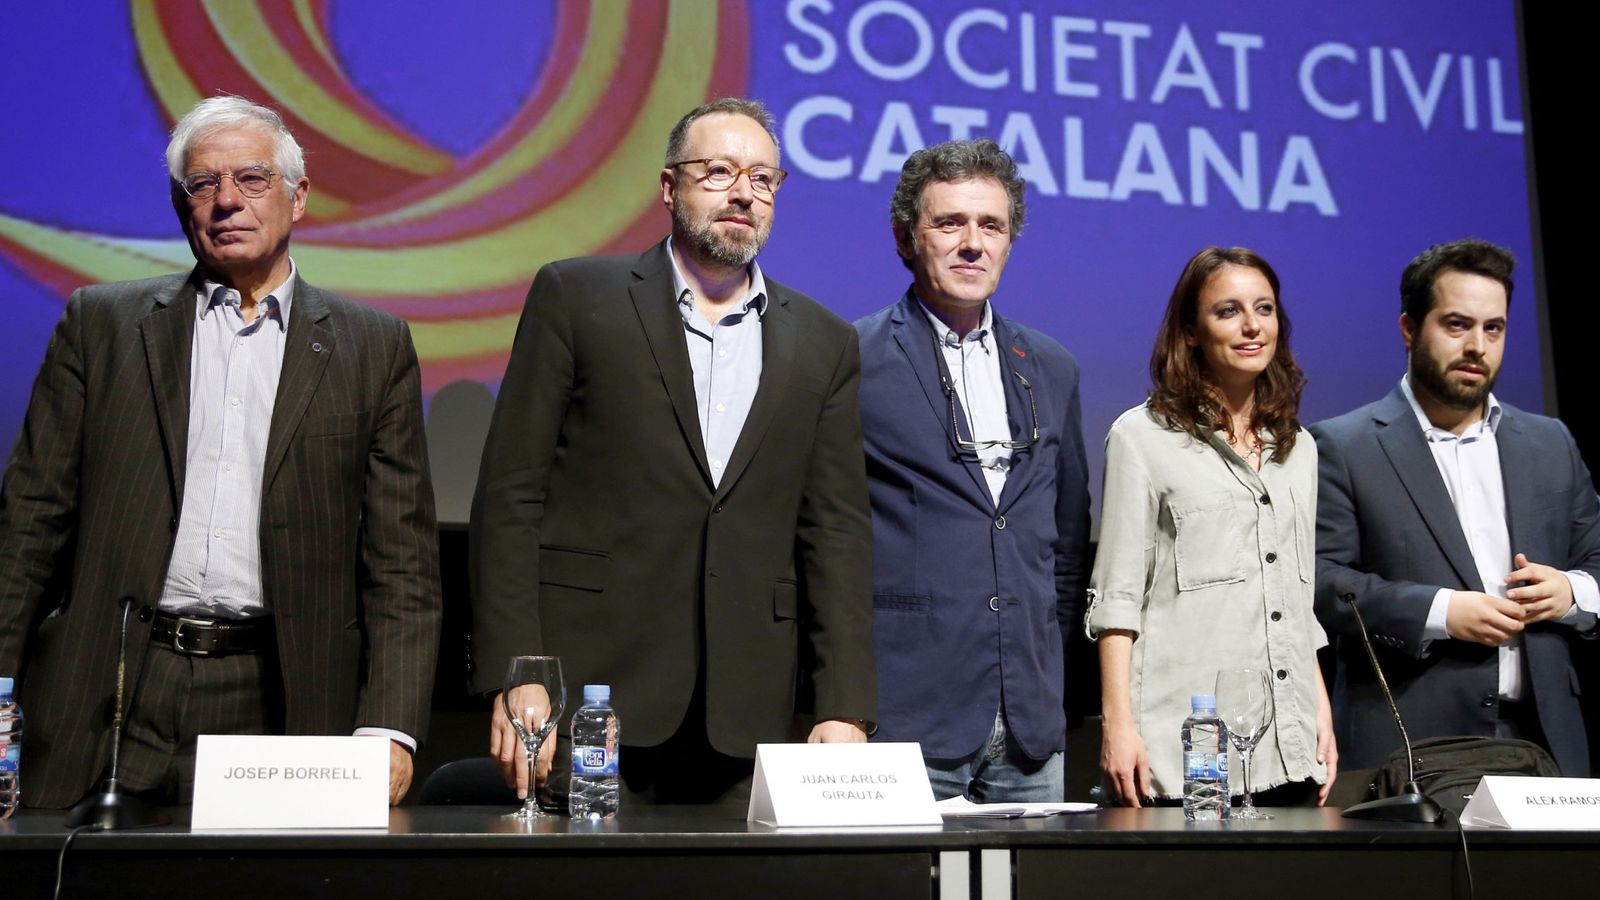 Foto: Acto de Sociedad Civil Catalana en Madrid en 2017. (EFE)